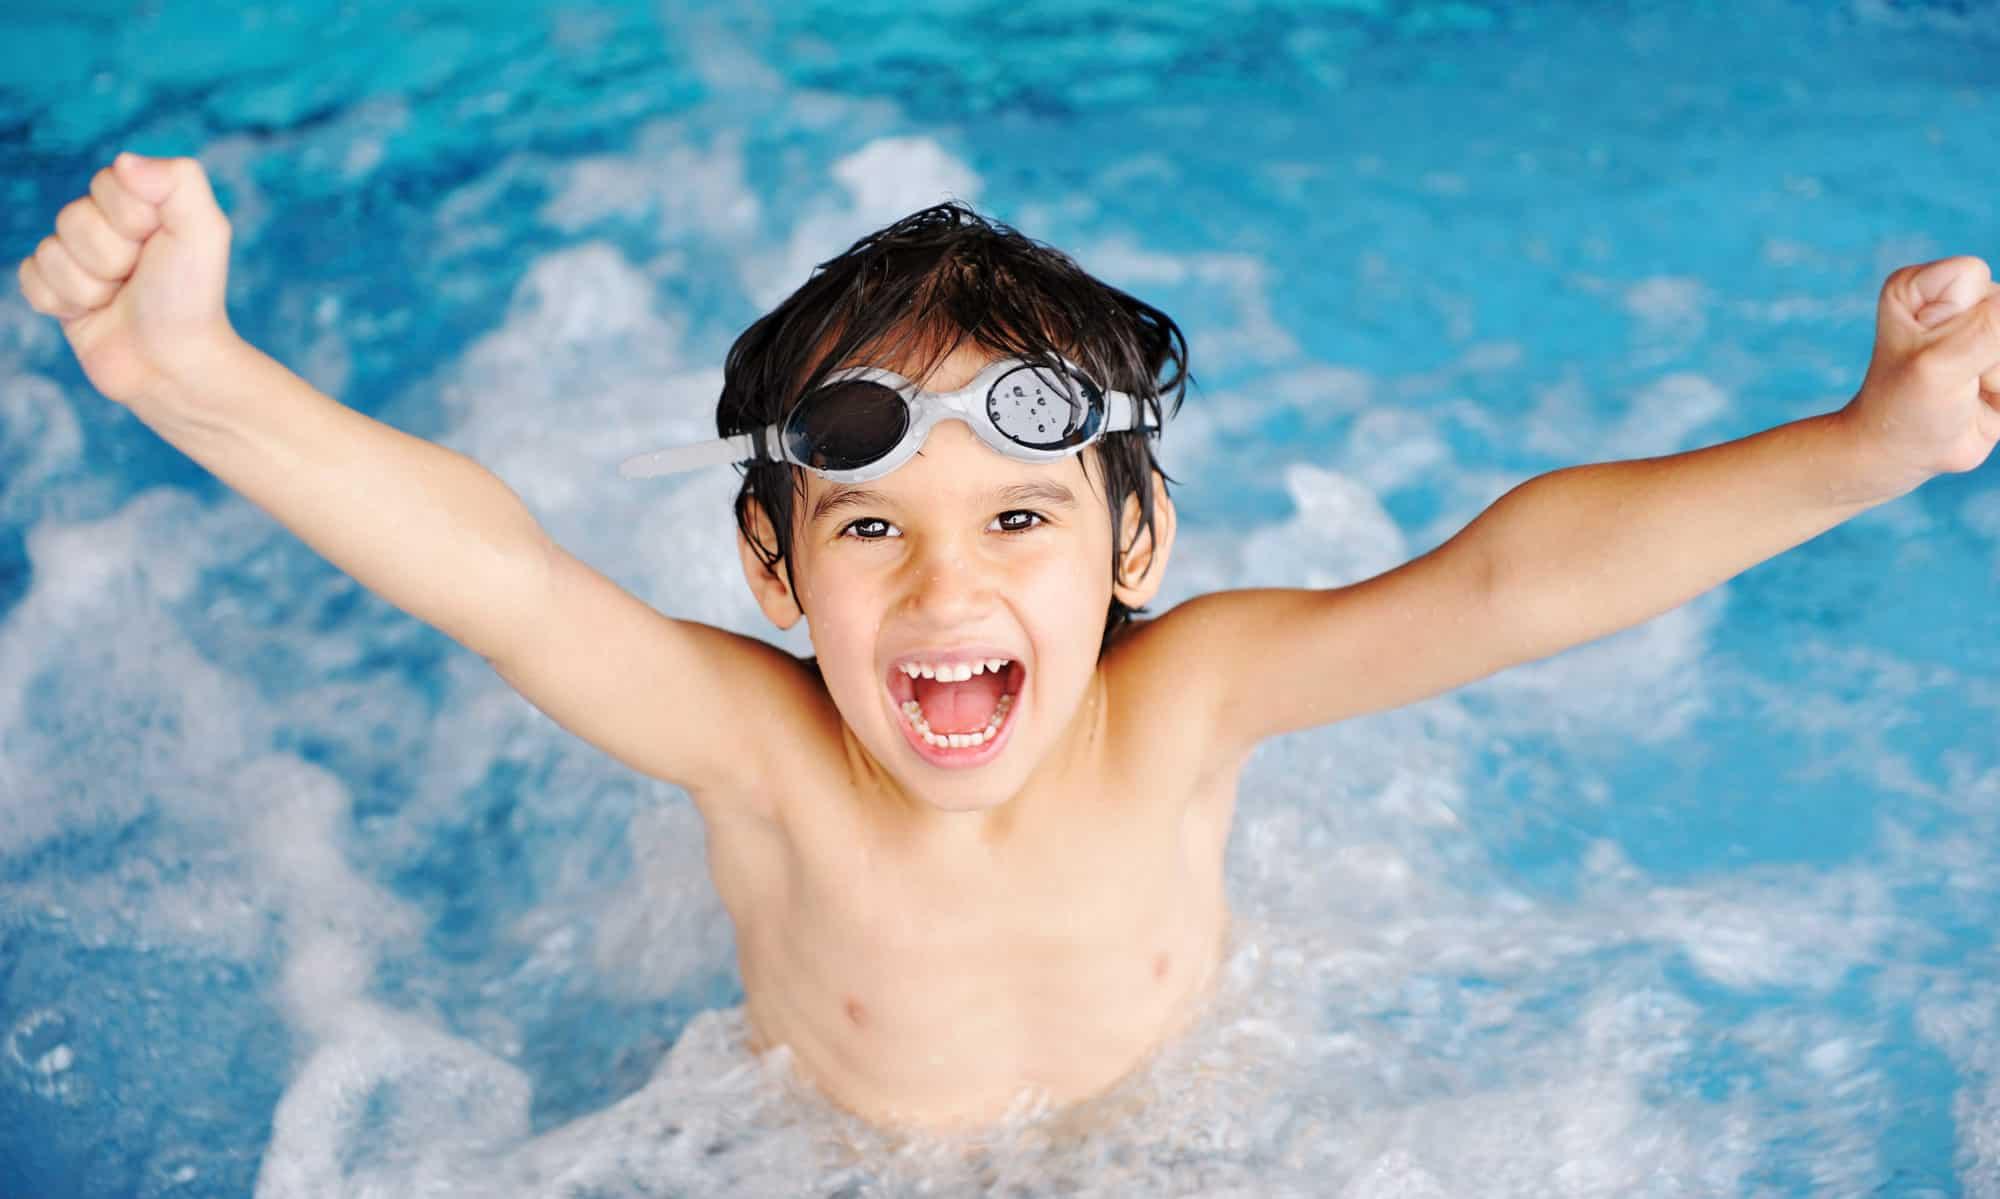 5 забавни игри с които може да научите децата си да плуват